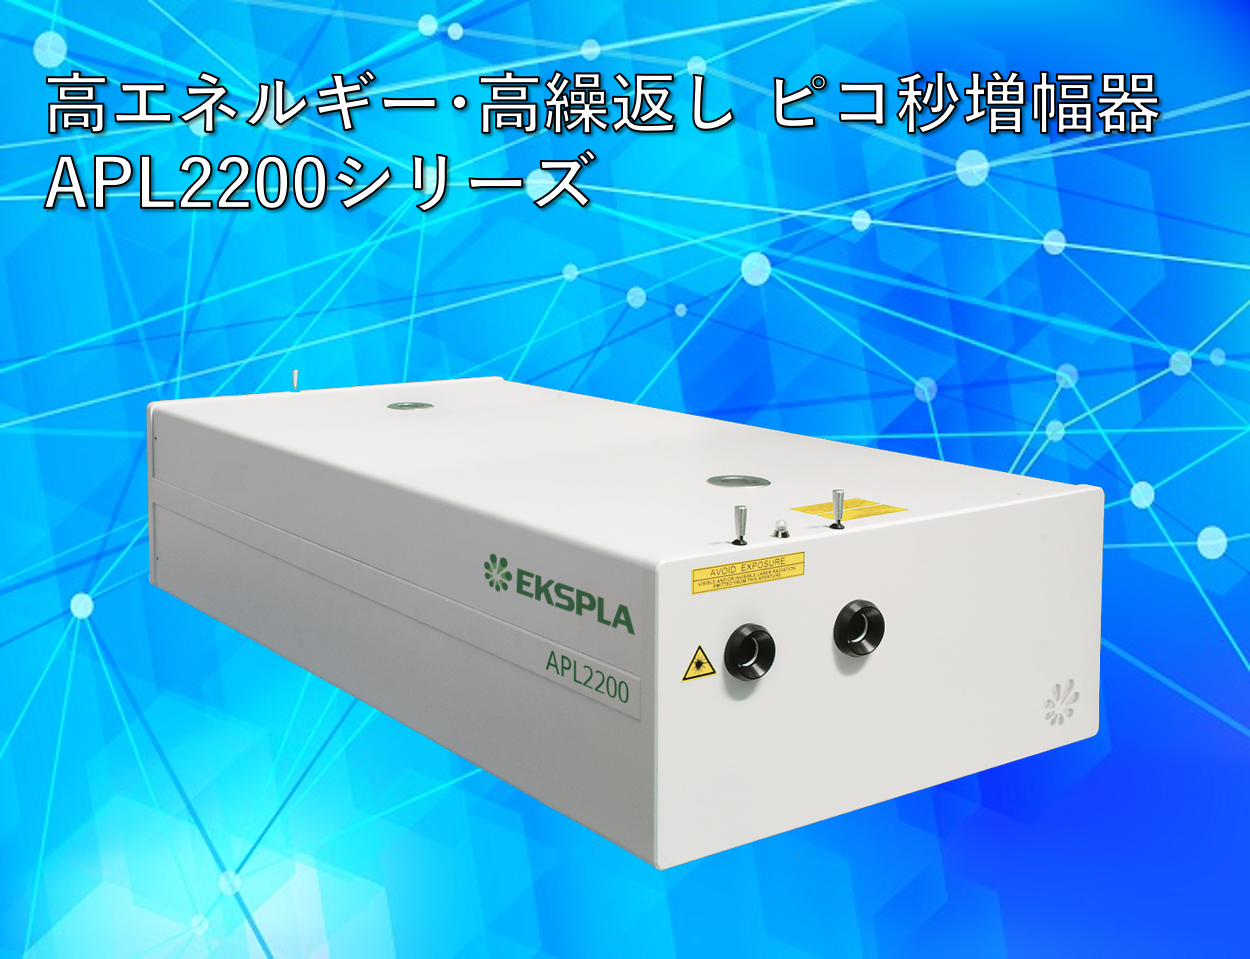 ピコ秒パルスレーザー用増幅器 APL2200